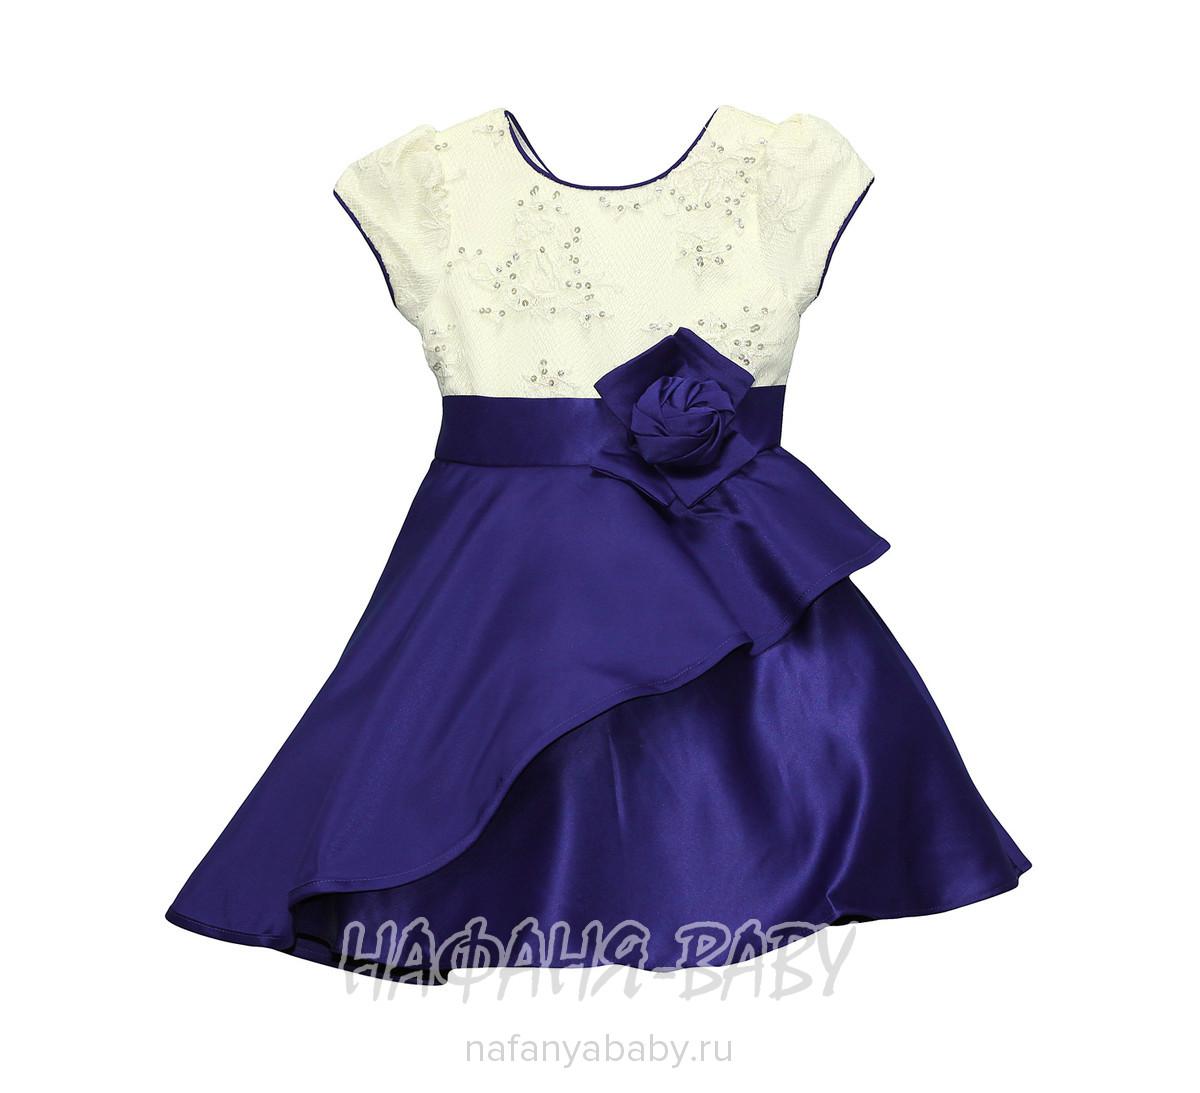 Детское платье AZ.Buka арт: 898, 5-9 лет, цвет темно-синий, оптом Китай (Пекин)